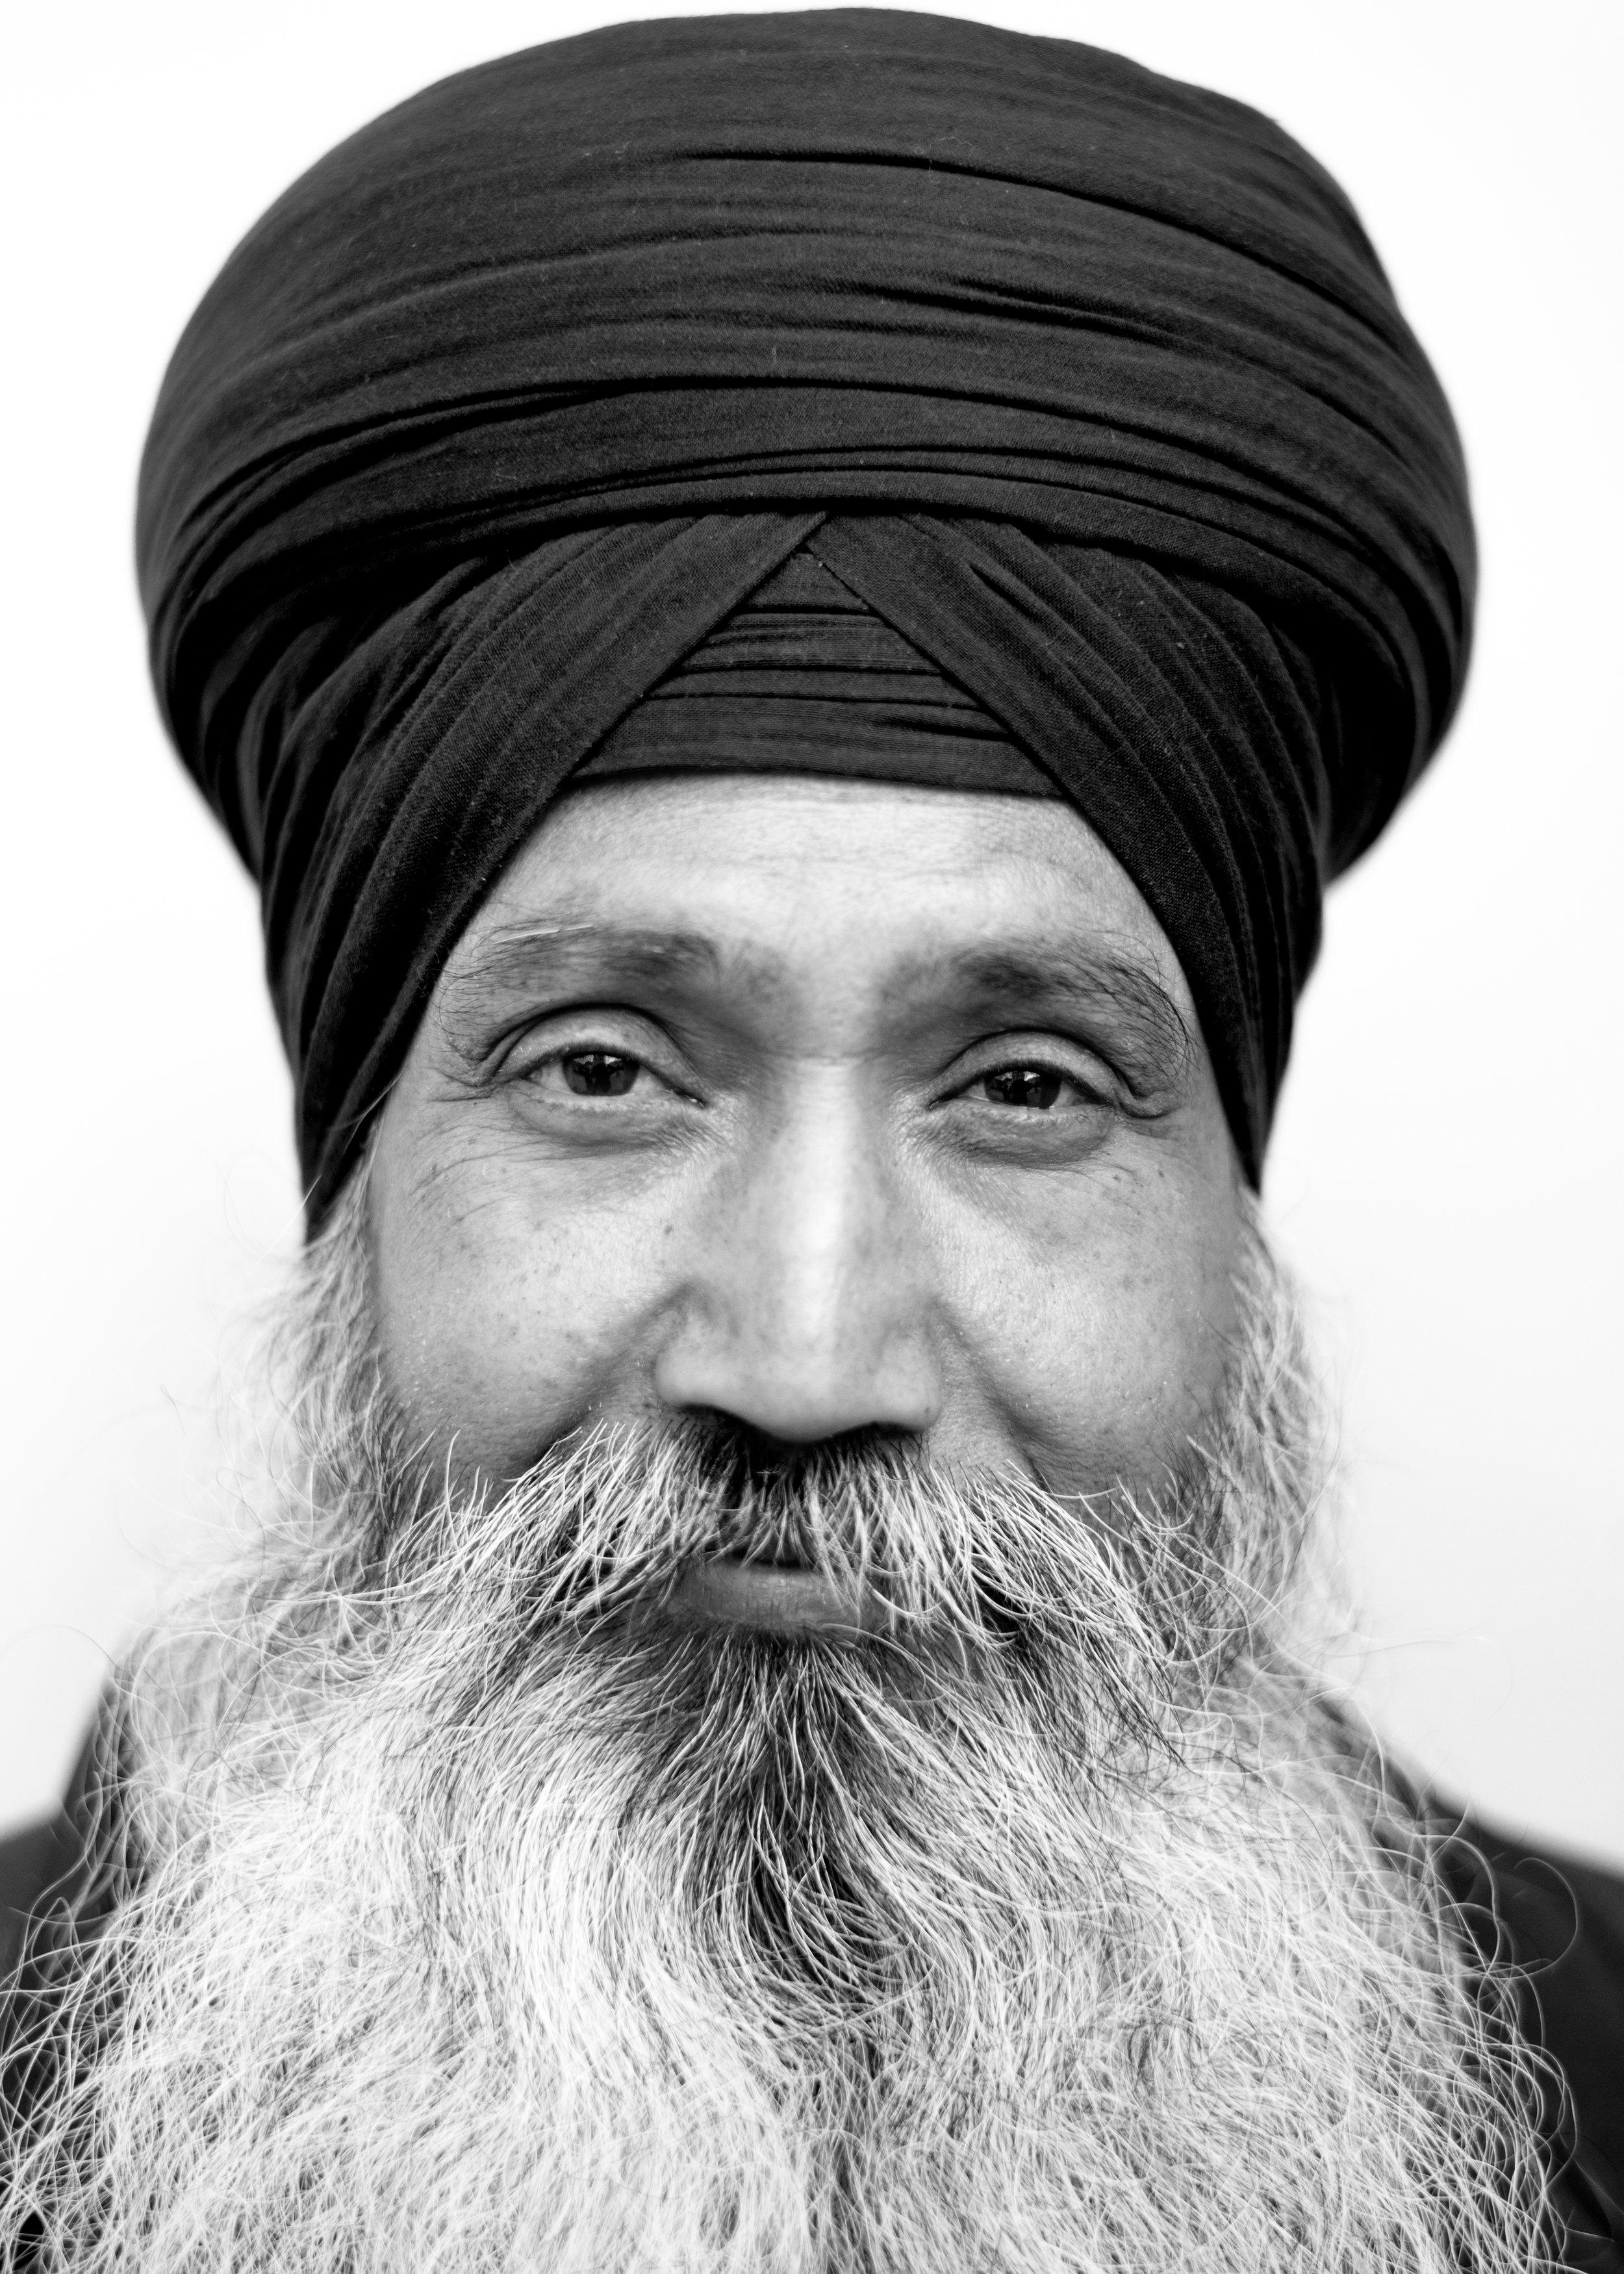 Sikh man, London